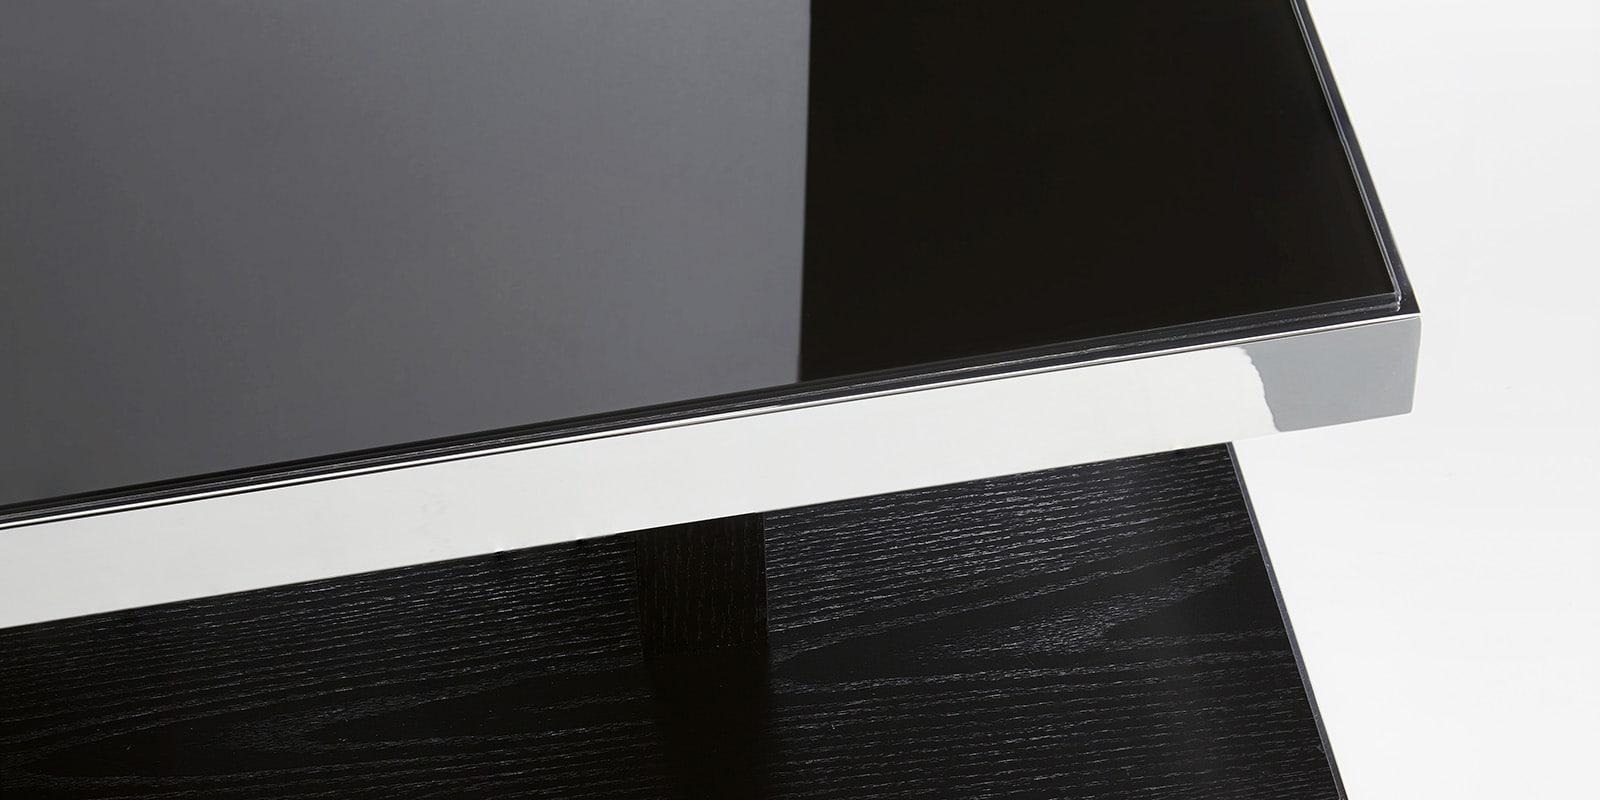 couchtisch schwarzglas chrom echtholzfurnier glasgow wohnzimmertisch edelstahl ebay. Black Bedroom Furniture Sets. Home Design Ideas